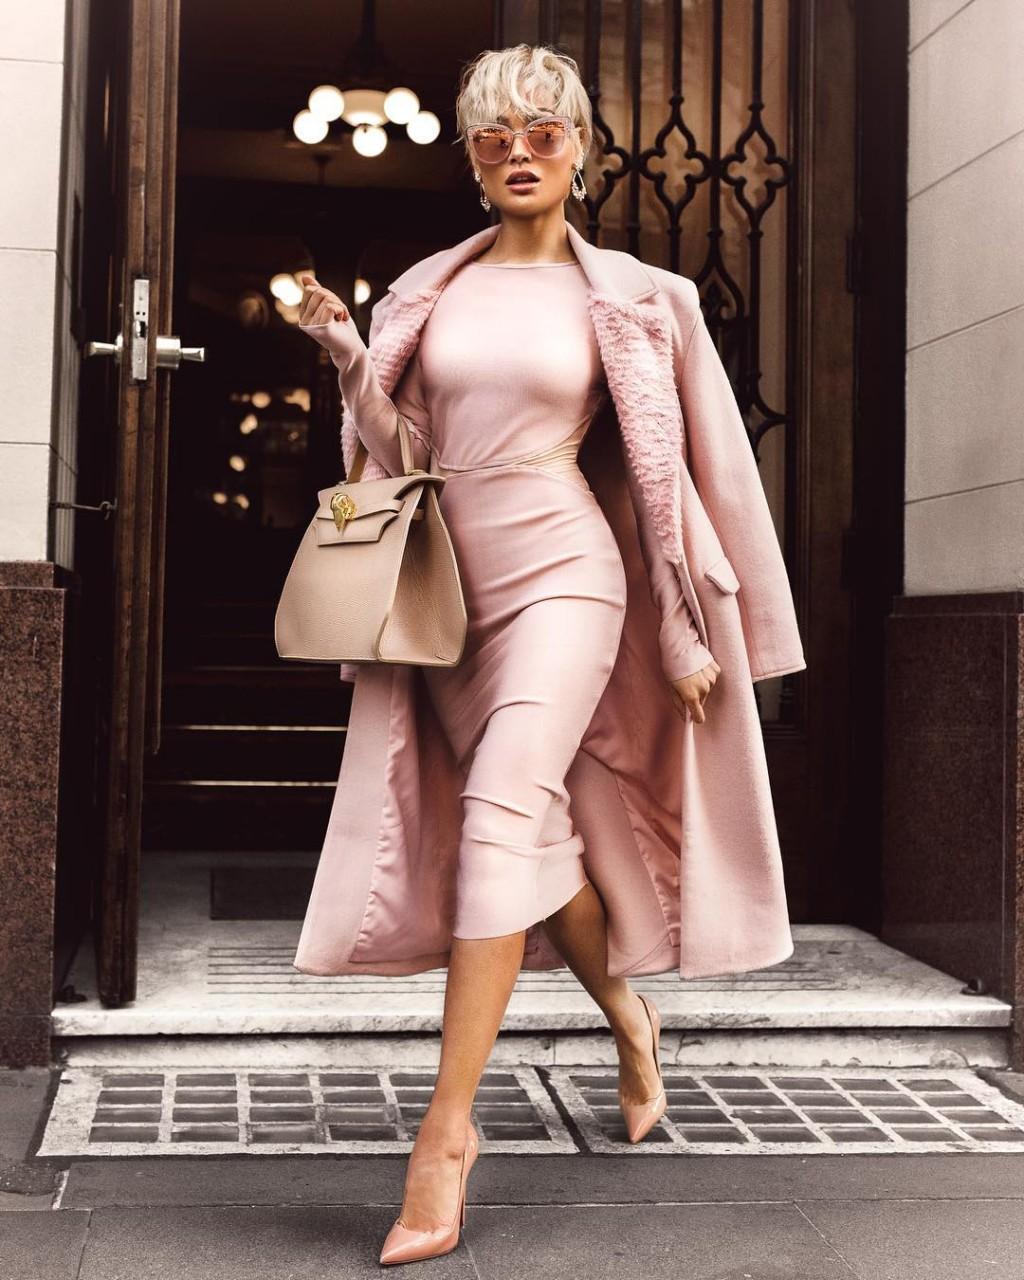 10 секретов подбора одежды, которые помогут выглядеть стройнее